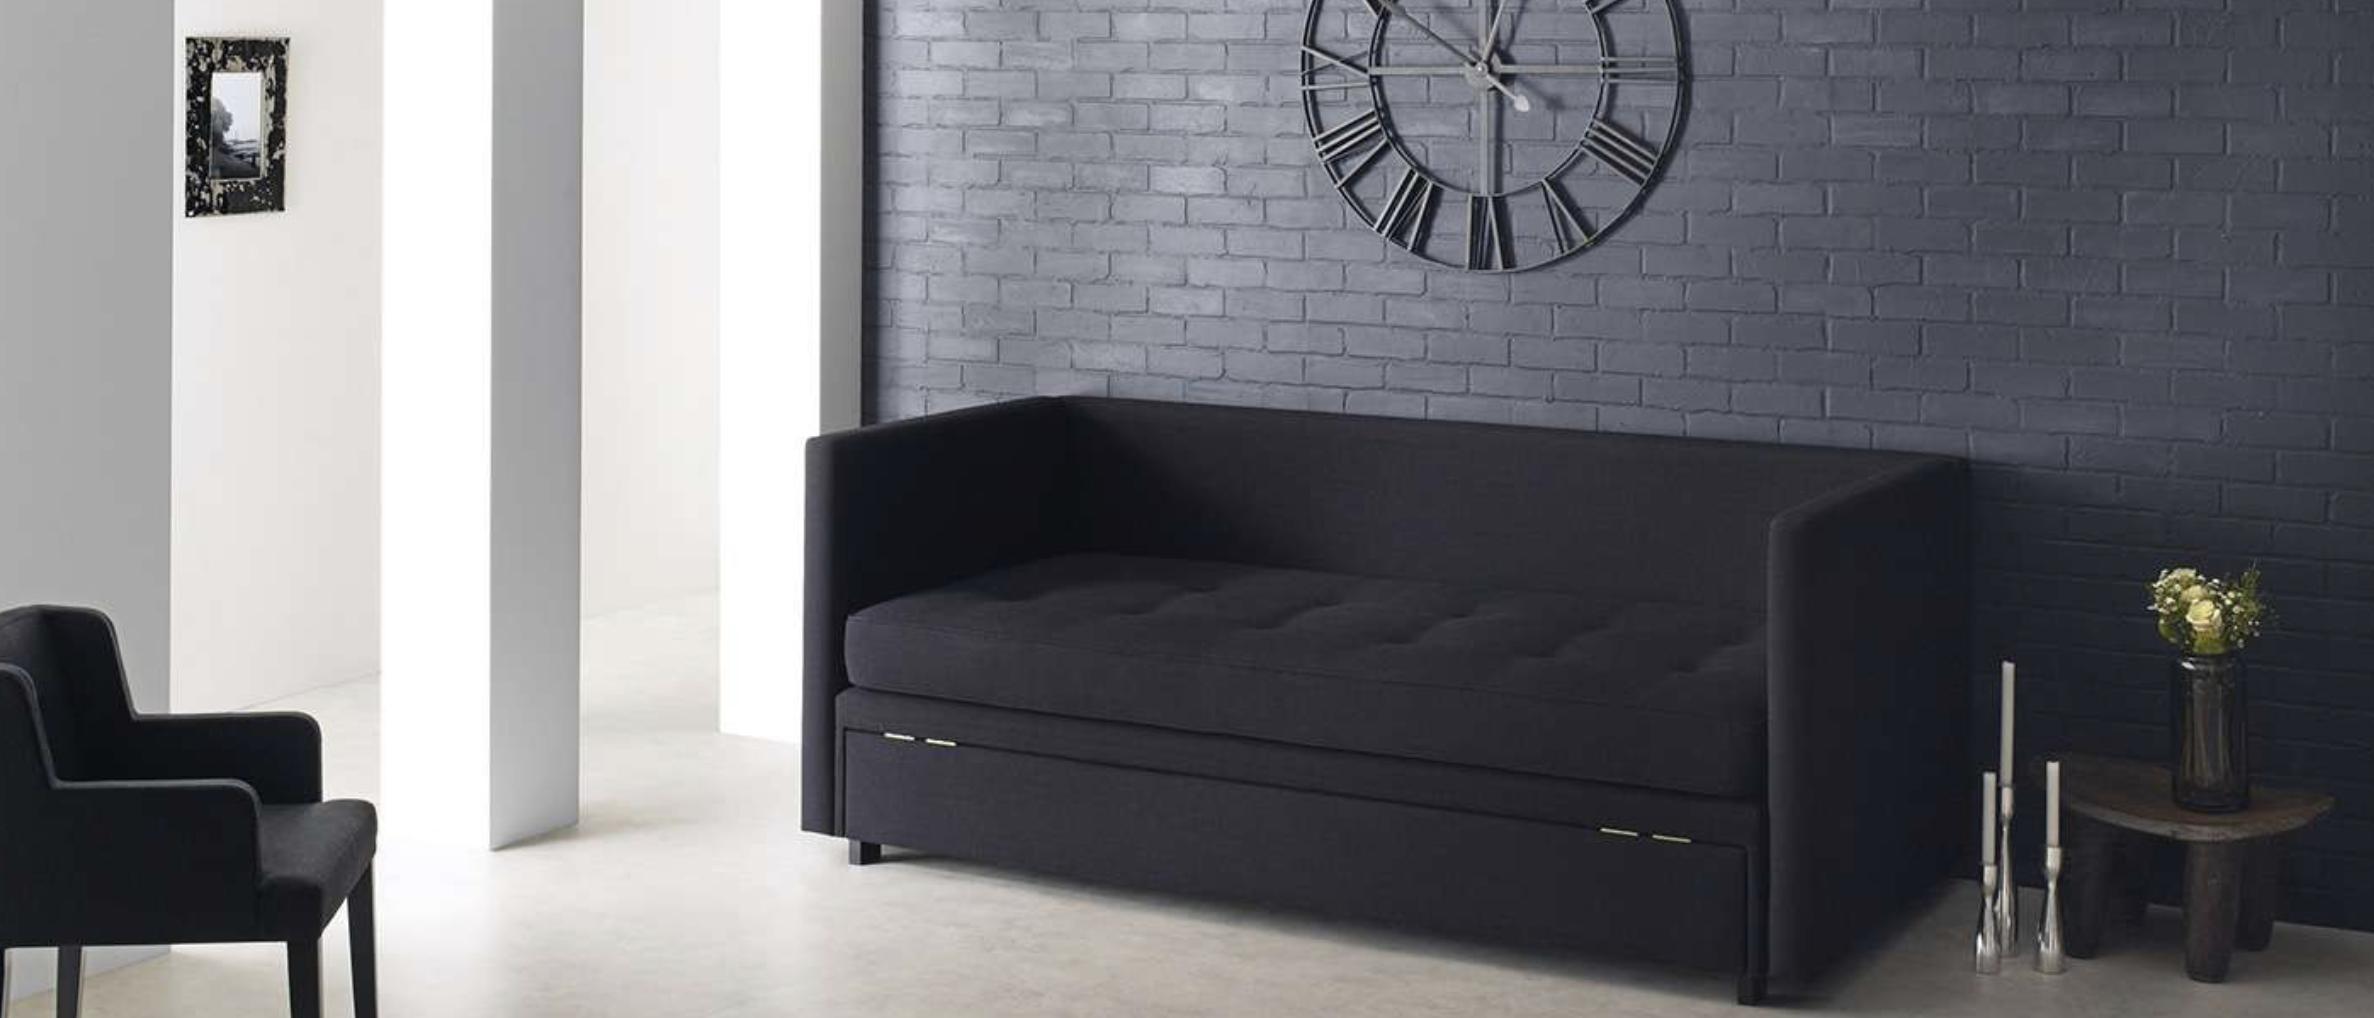 Simmons bedbank